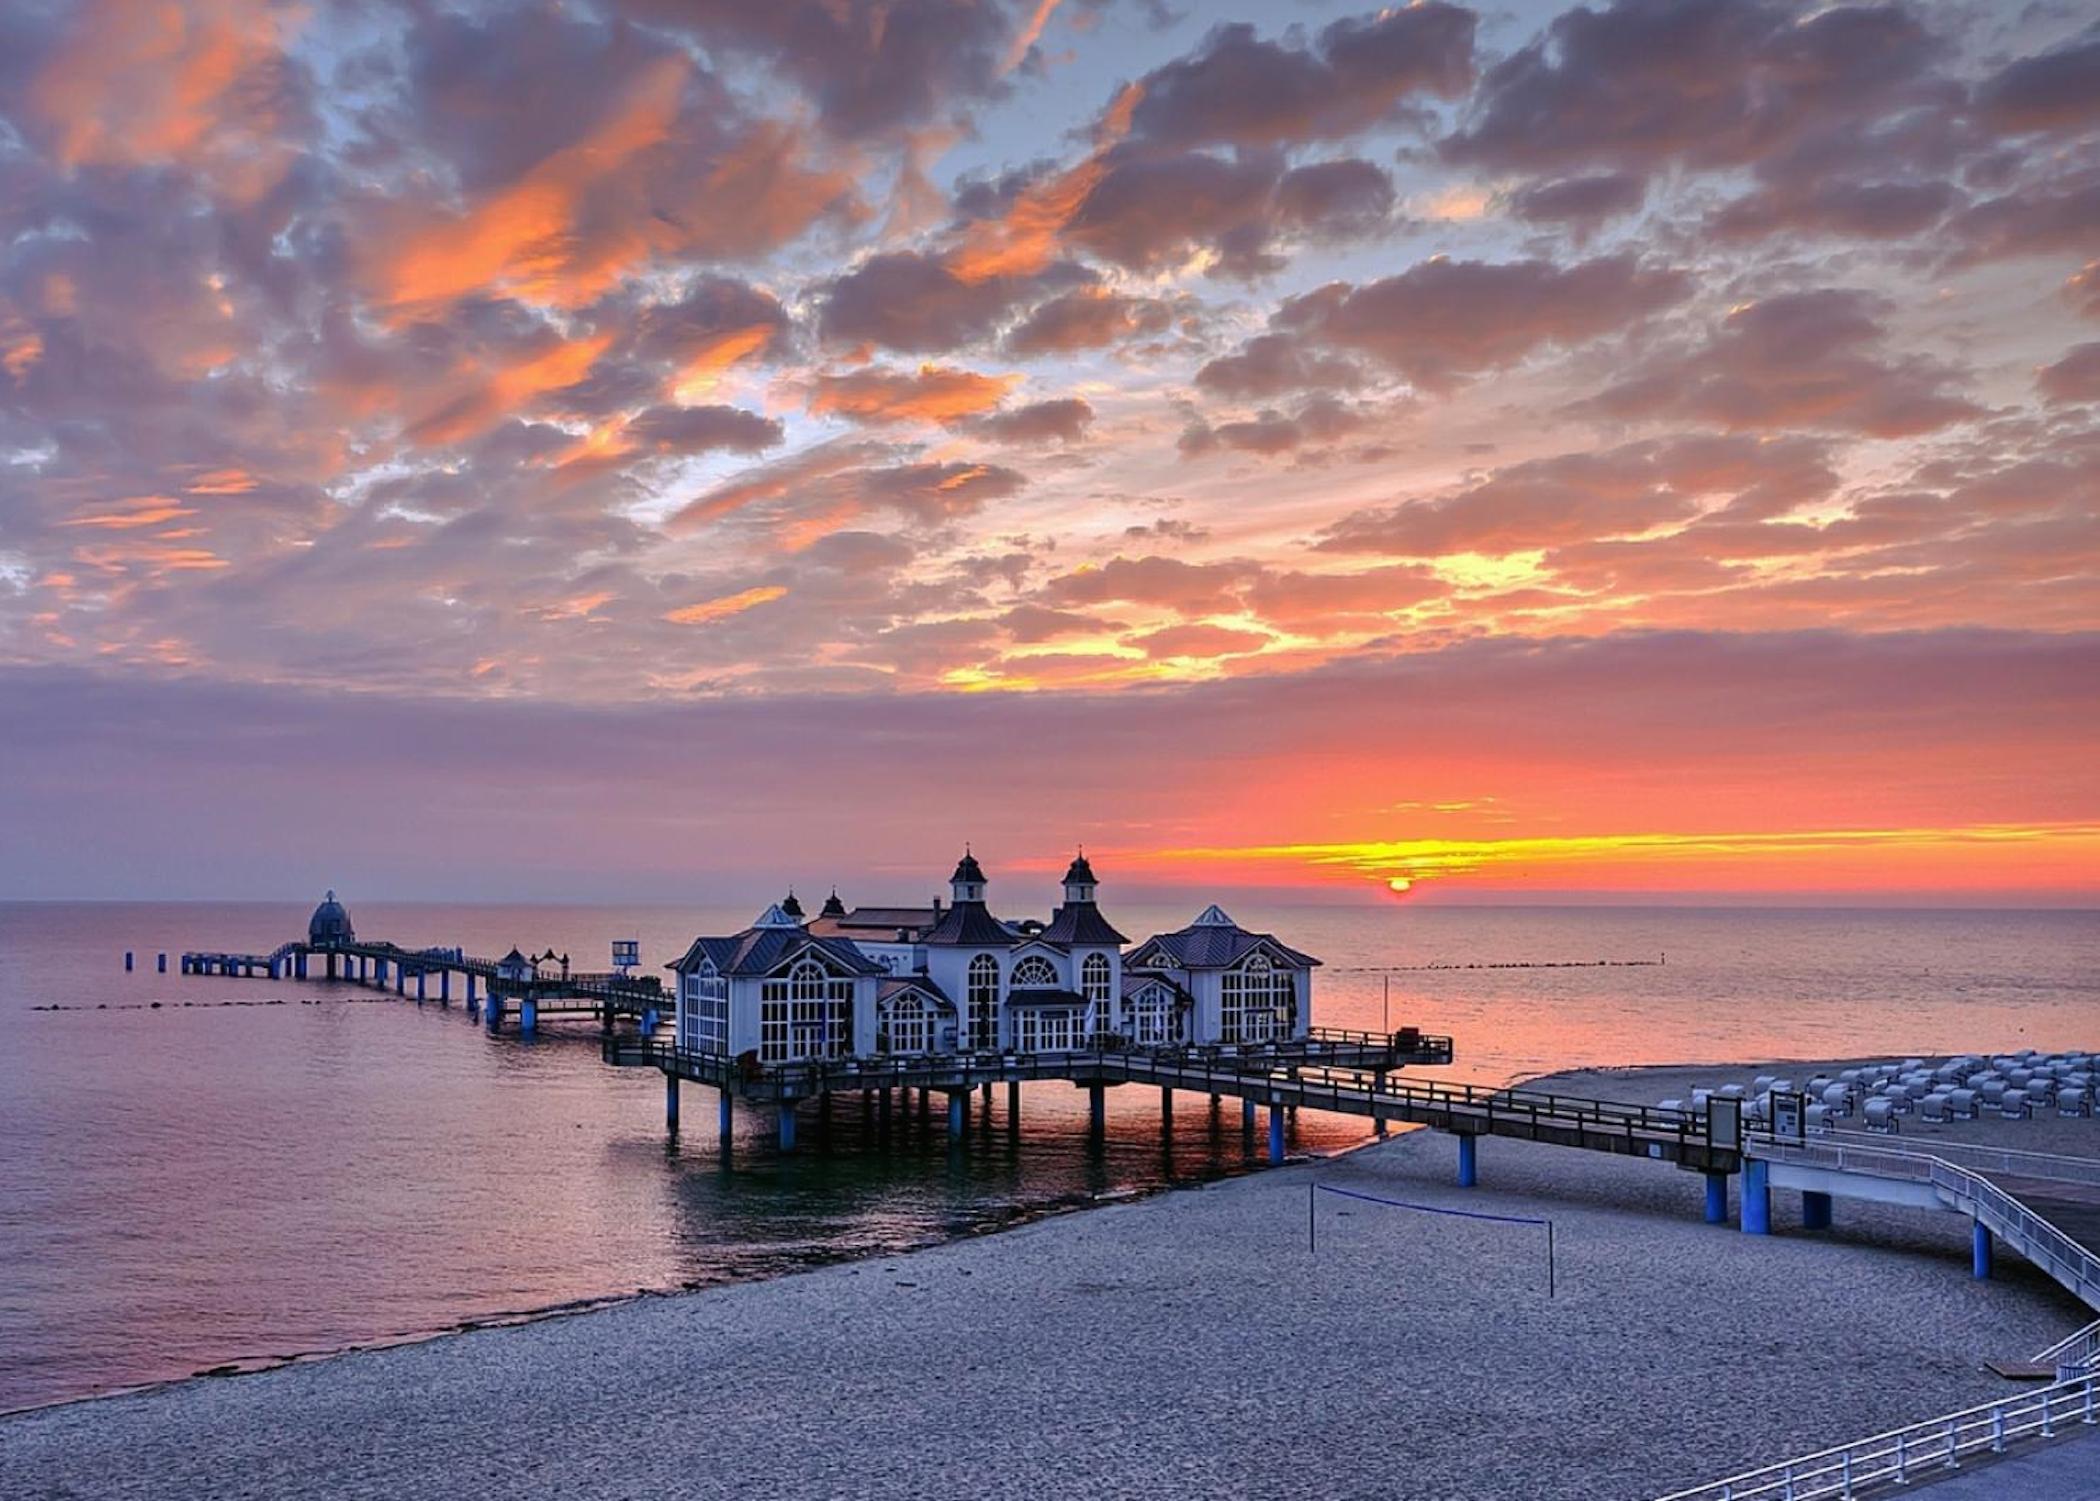 Aston Martin Wallpaper Hd Download Ocean Pier Sunset Wallpaper Free Hd Downloads